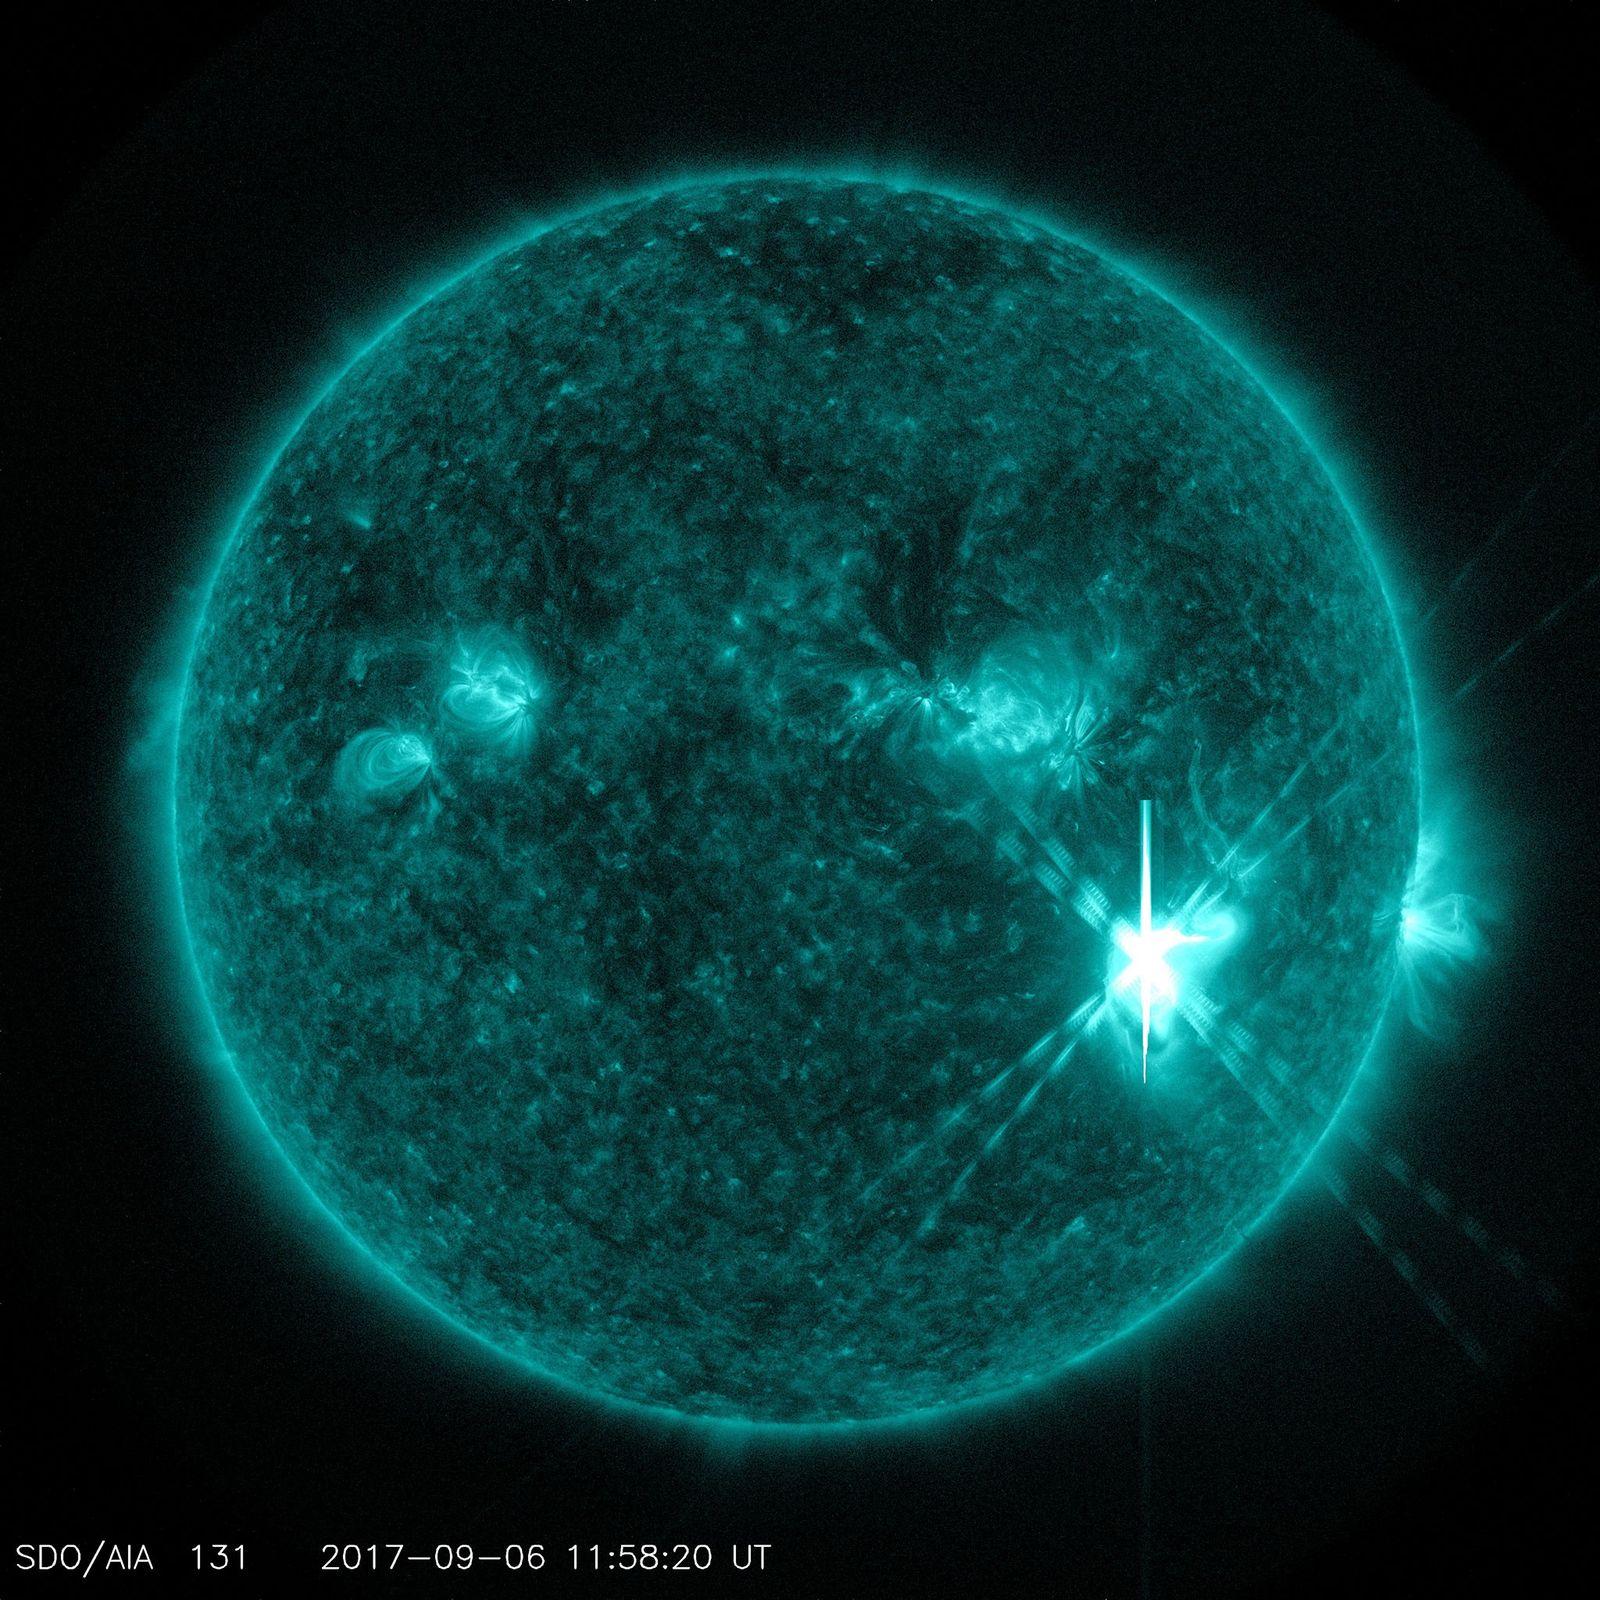 L'Observatoire de la dynamique solaire de la NASA a capturé cette image d'une éruption solaire le ...